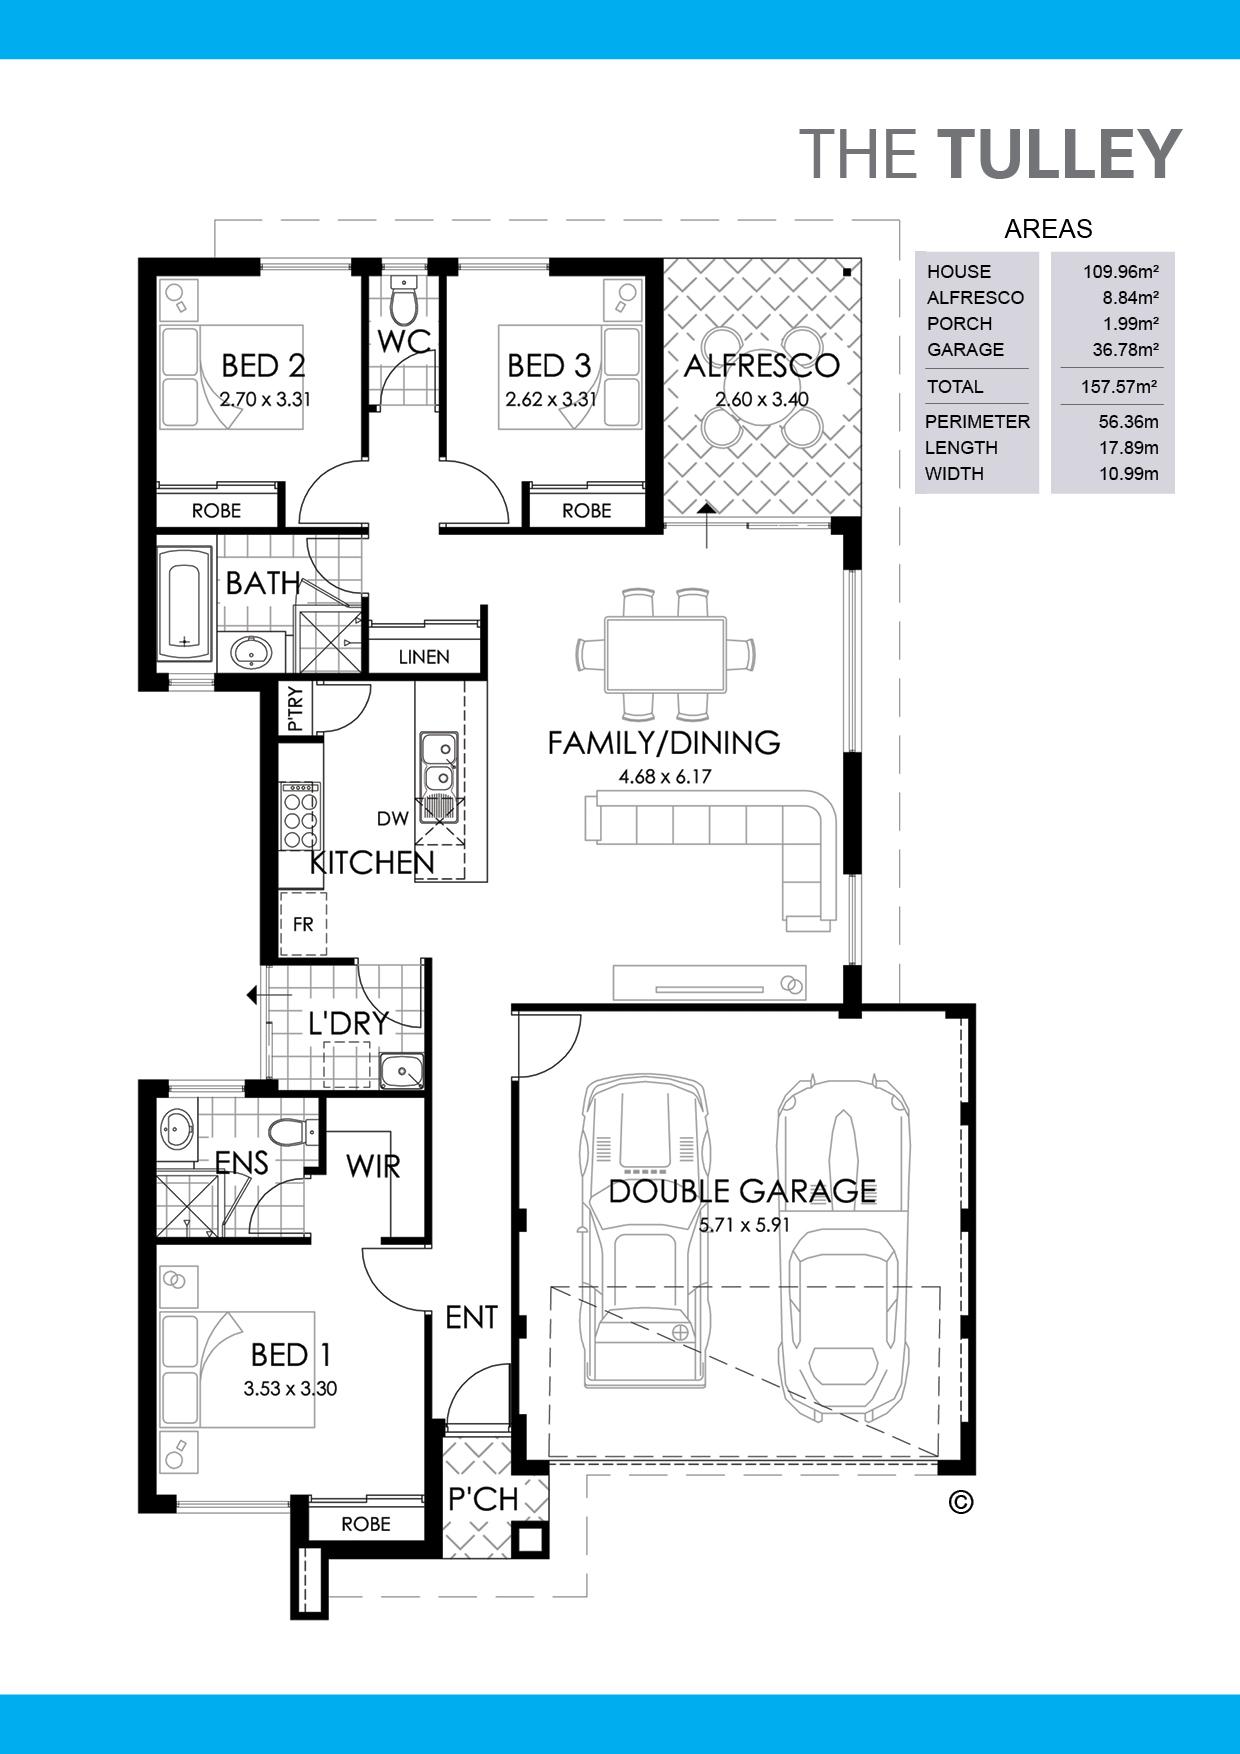 The Tulley Floorplan